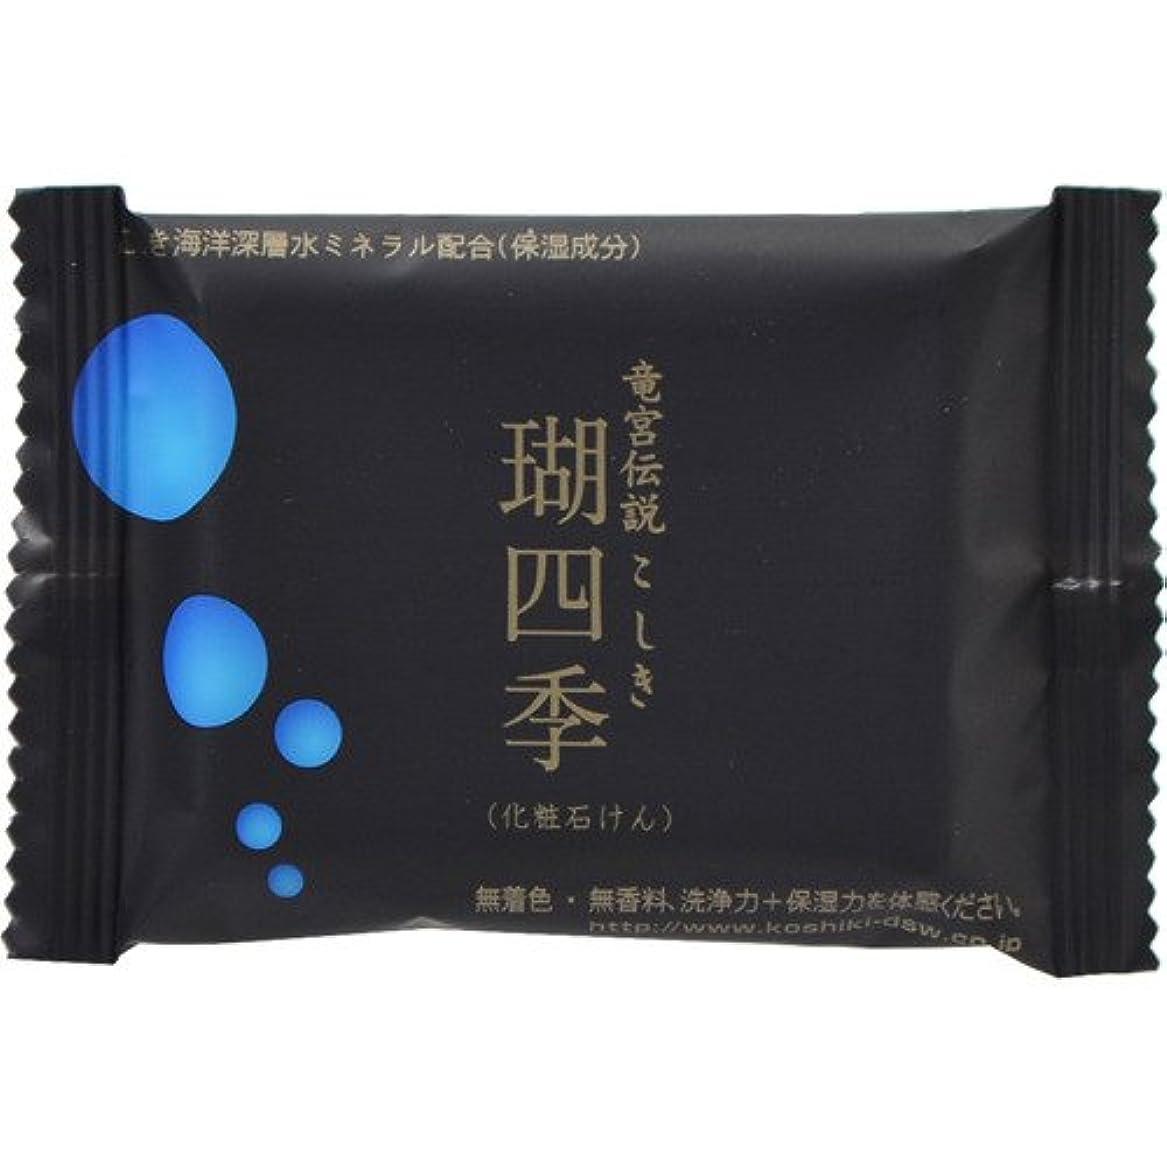 検体表面抑圧瑚四季 化粧石鹸 30g